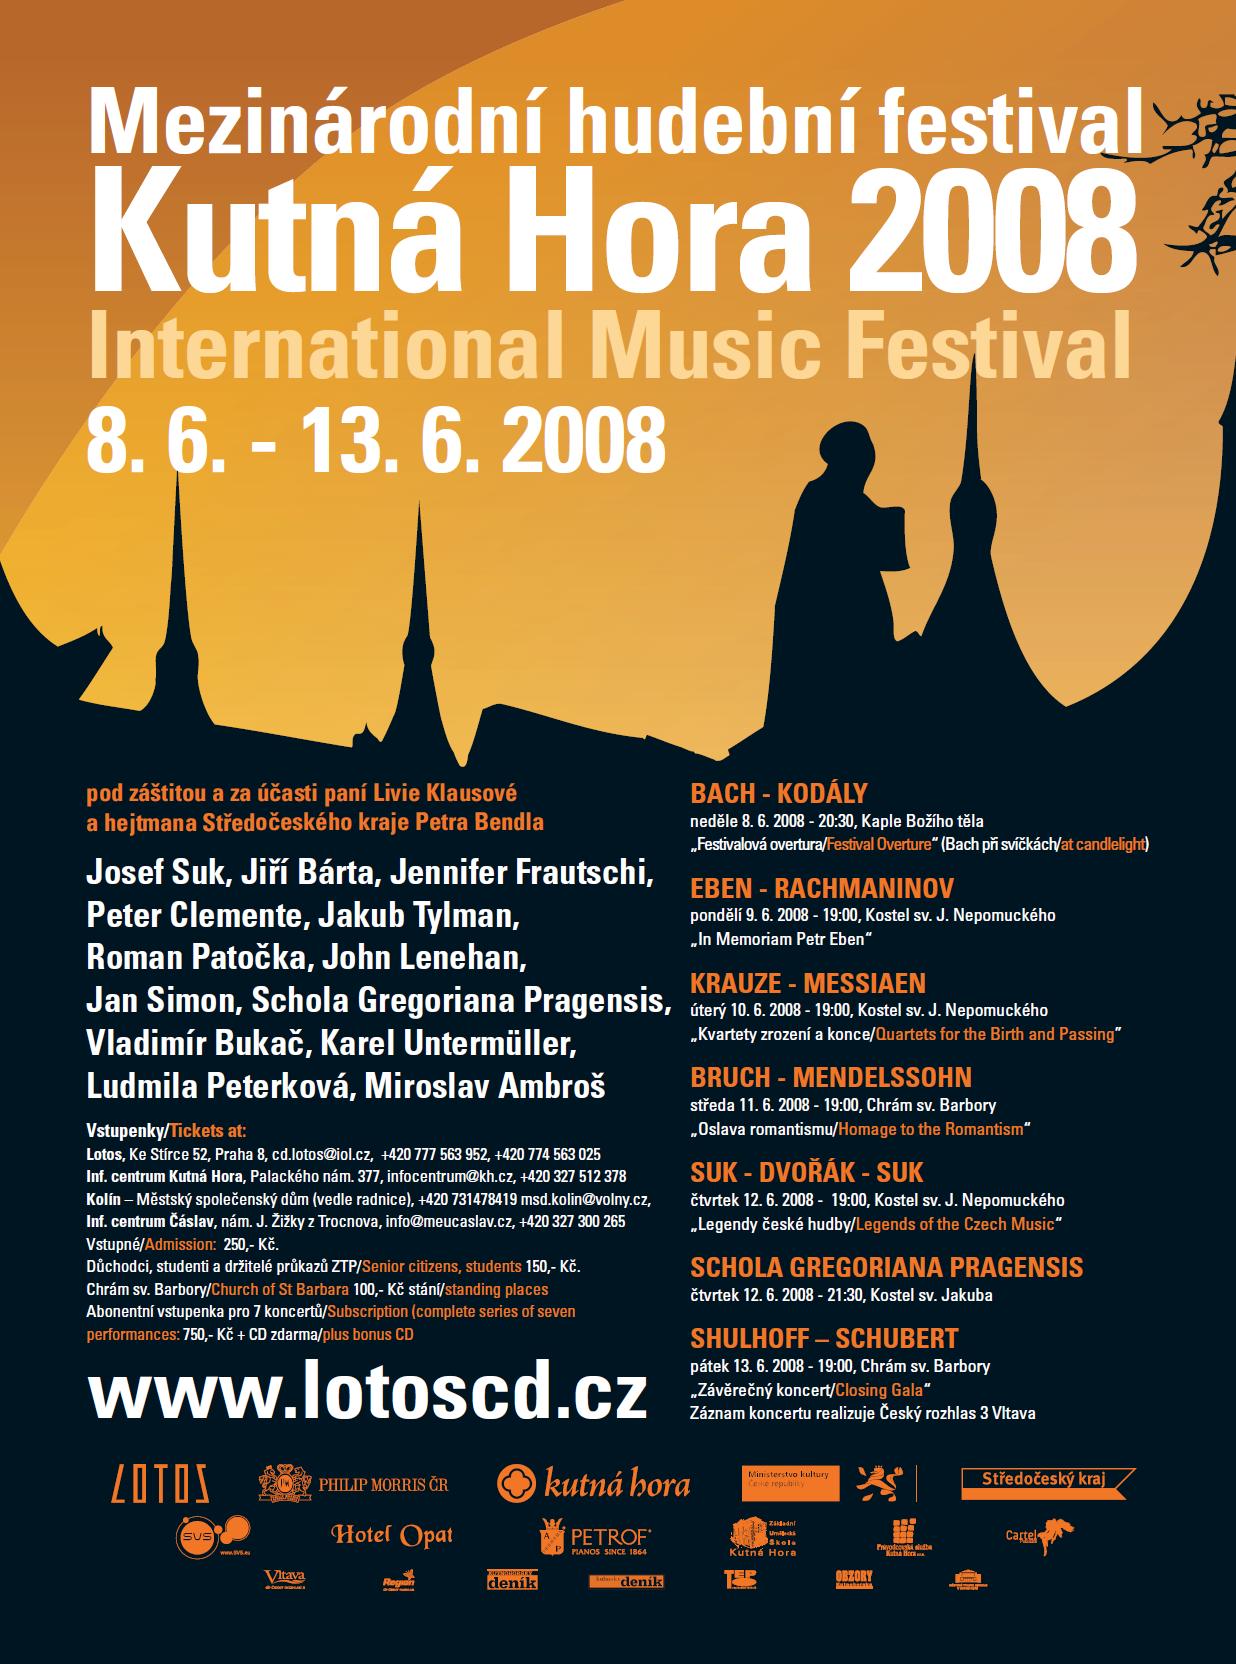 MFKH 2010